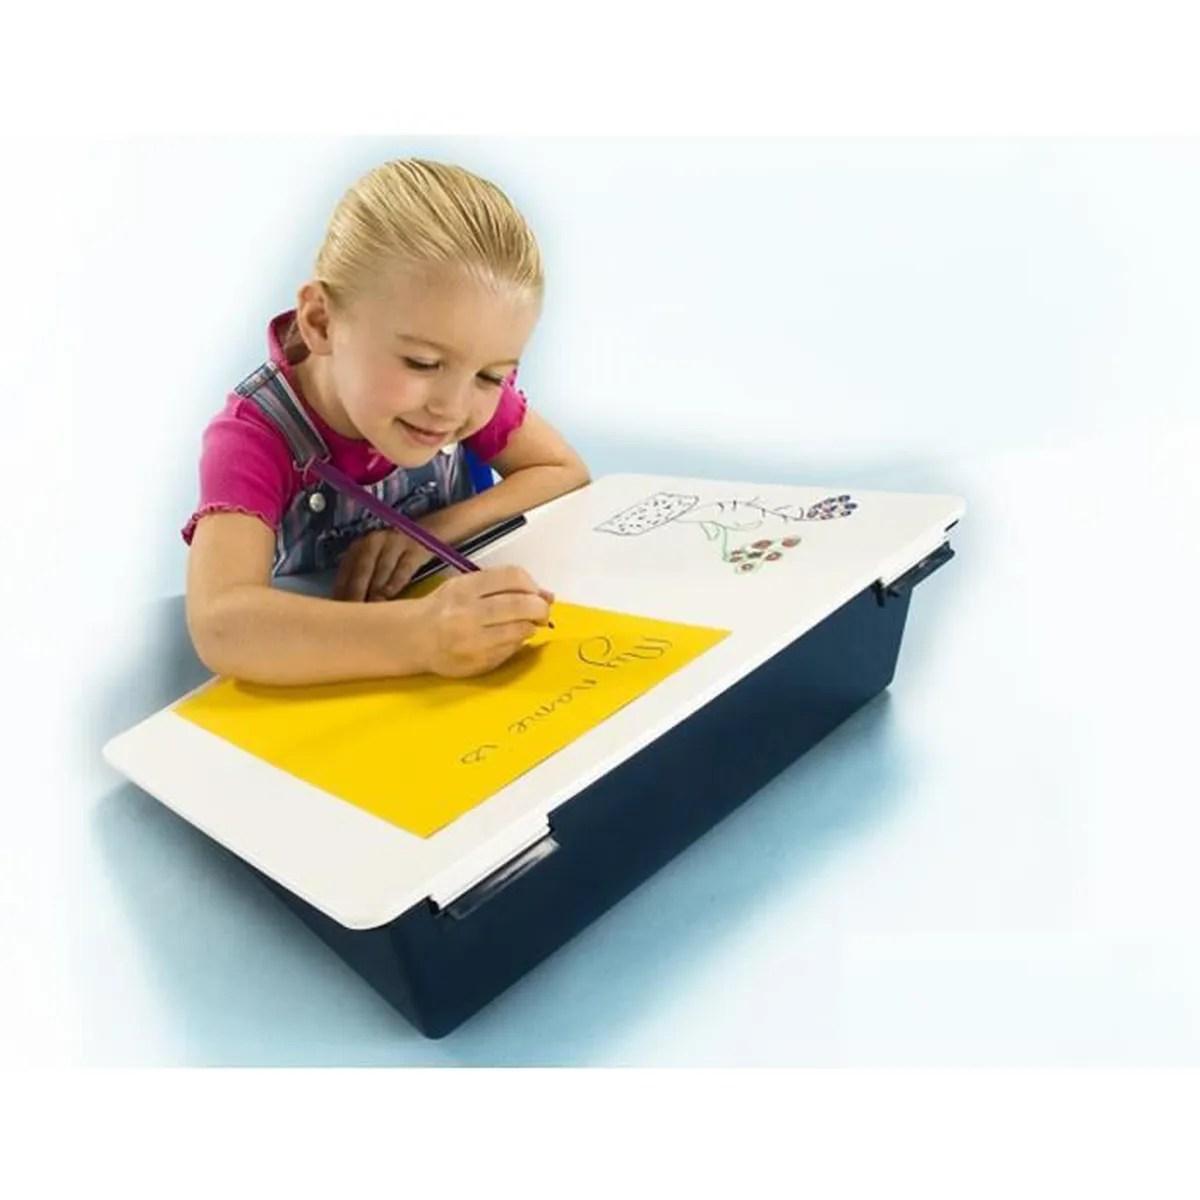 chevet plan incline d ecriture pour enfant